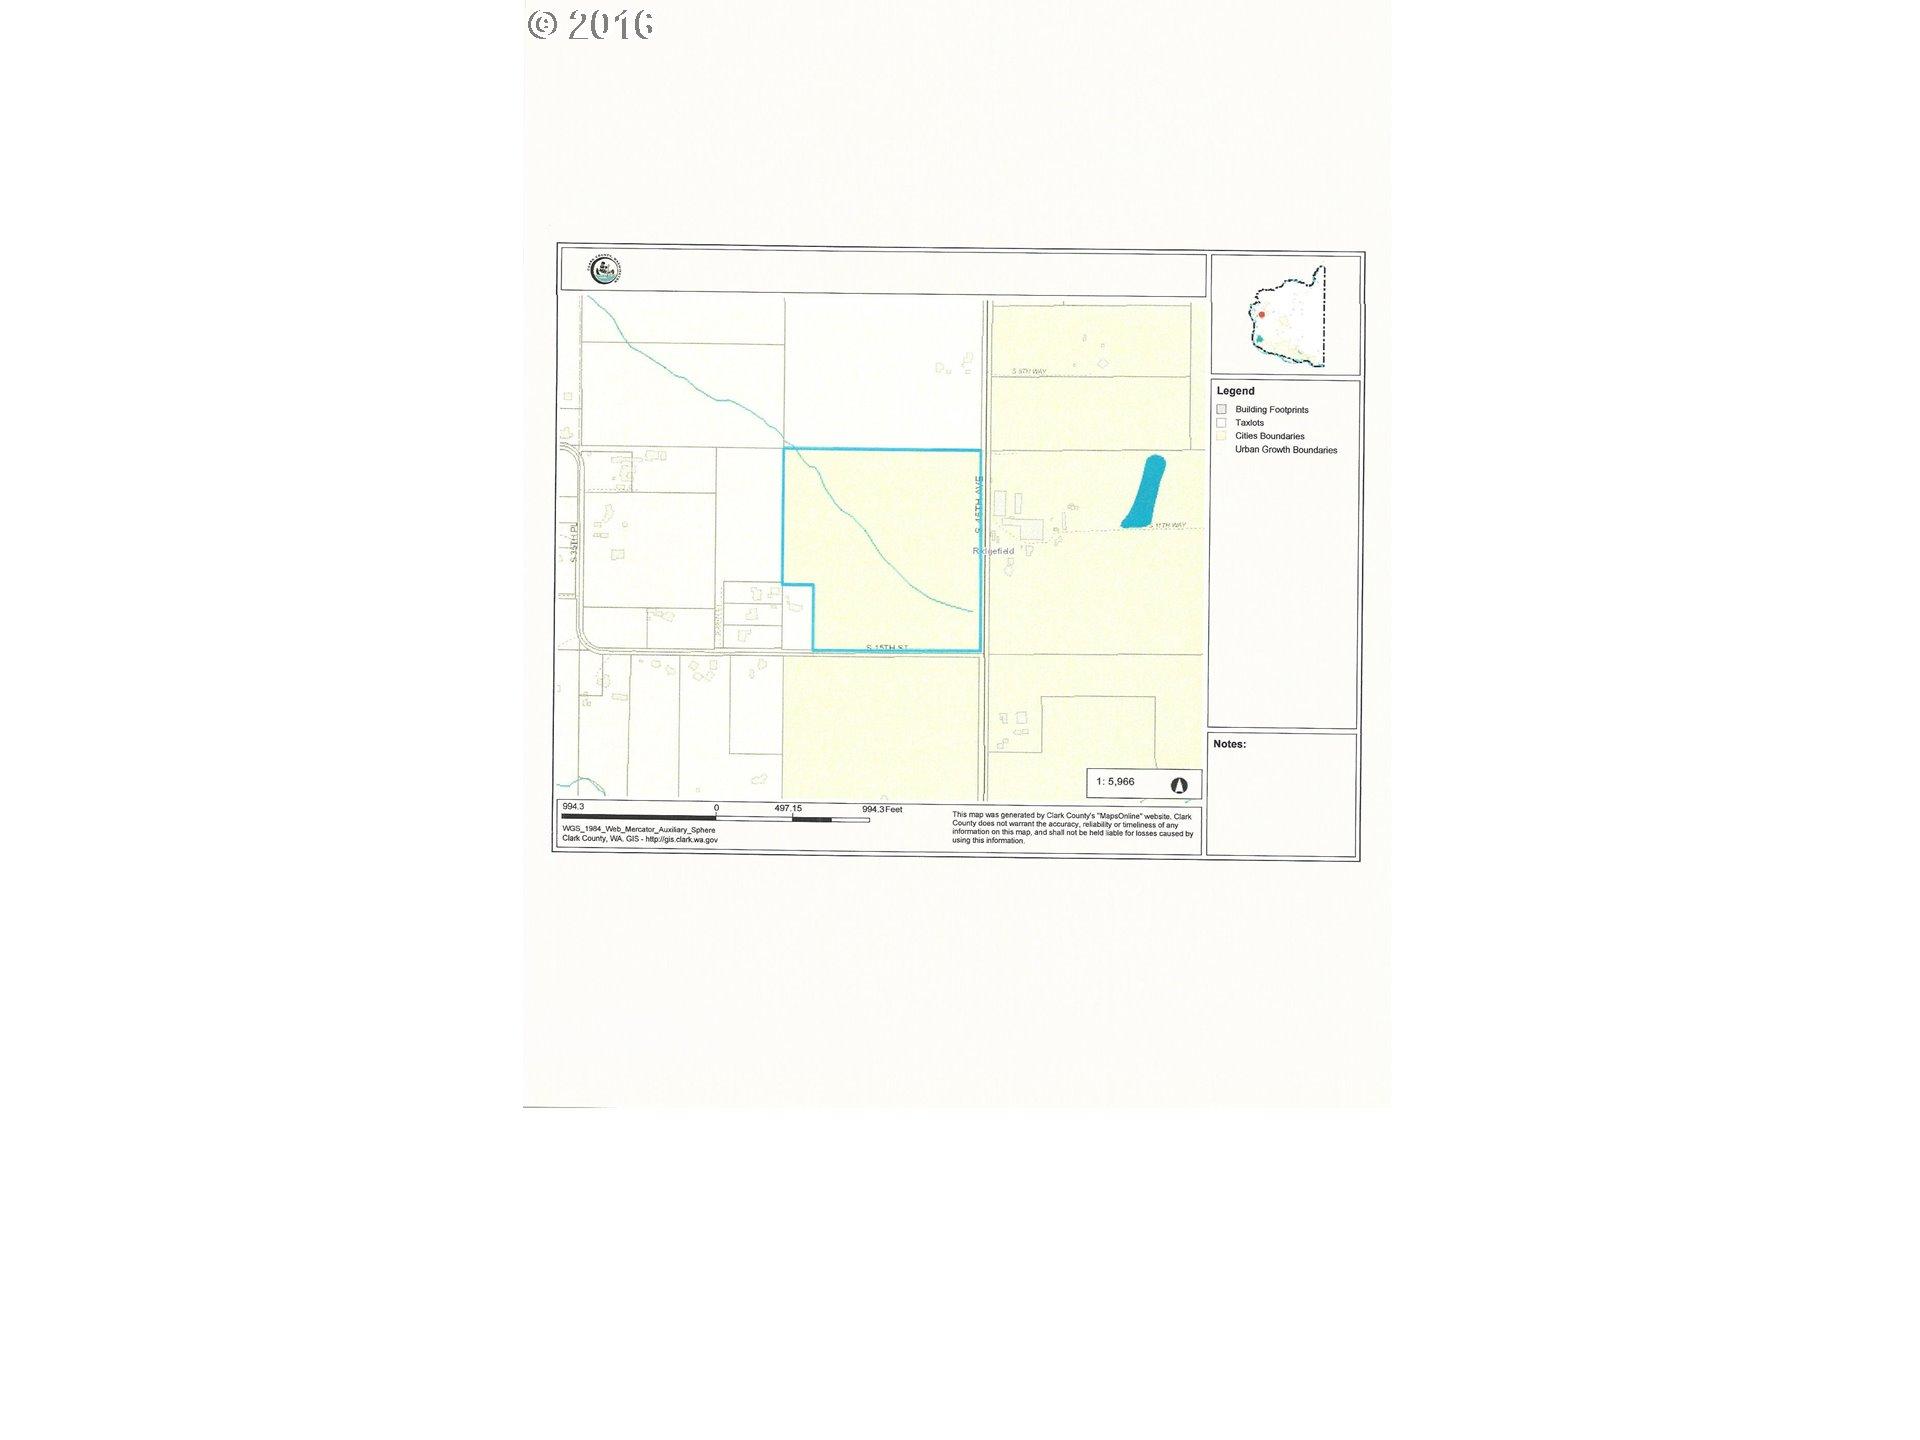 2067 S ROYLE RD, Ridgefield, WA 98642